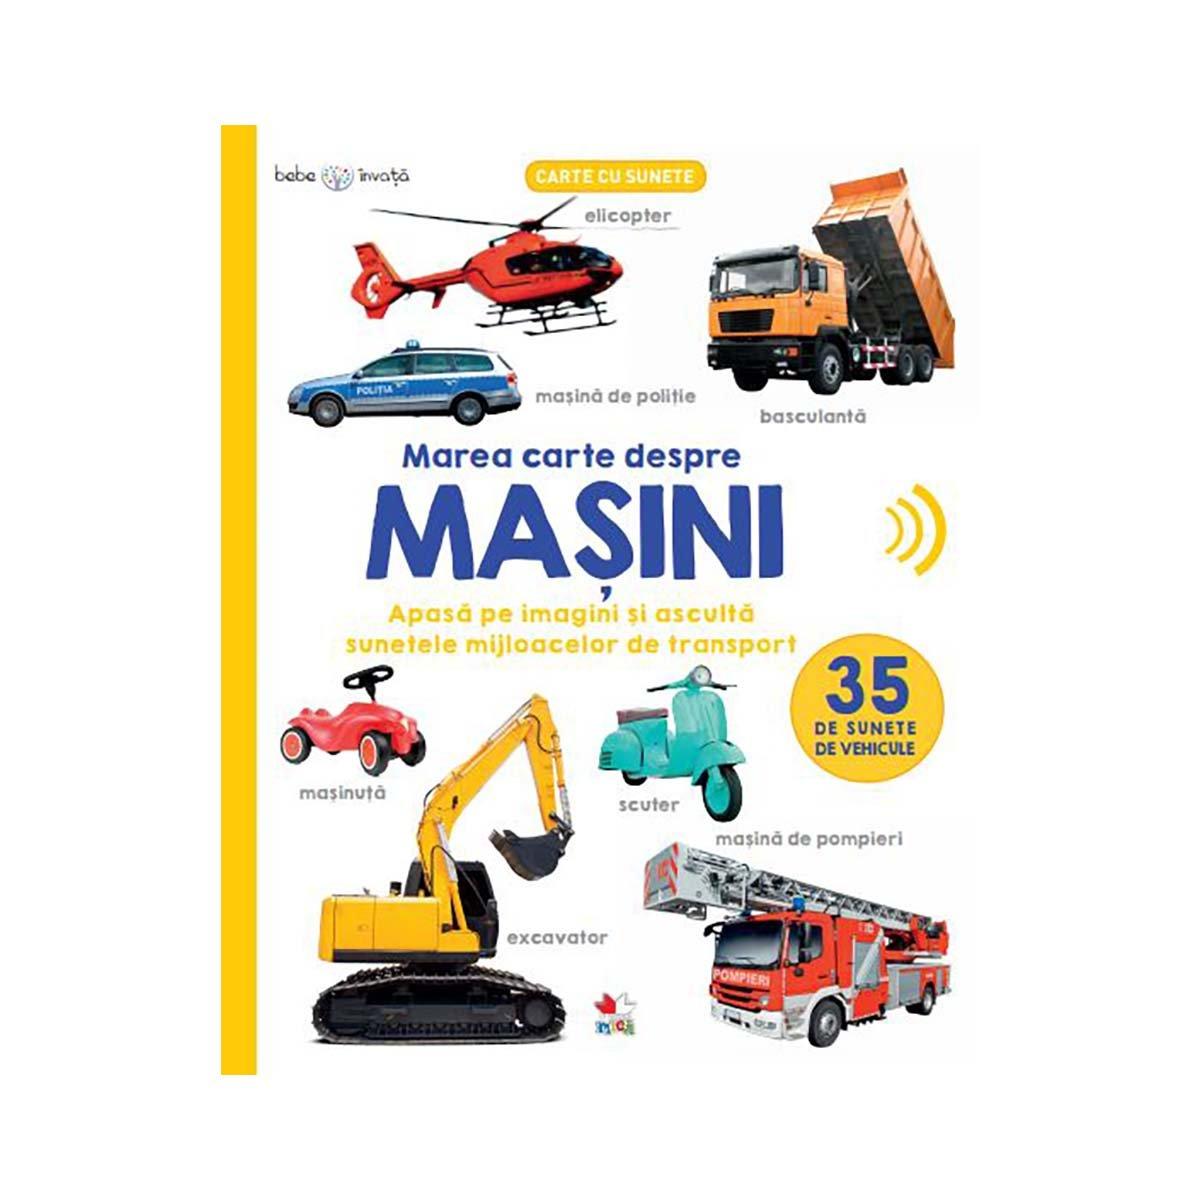 Carte Editura Litera, Bebe Invata, Marea carte despre masini, 35 de sunete de vehicule